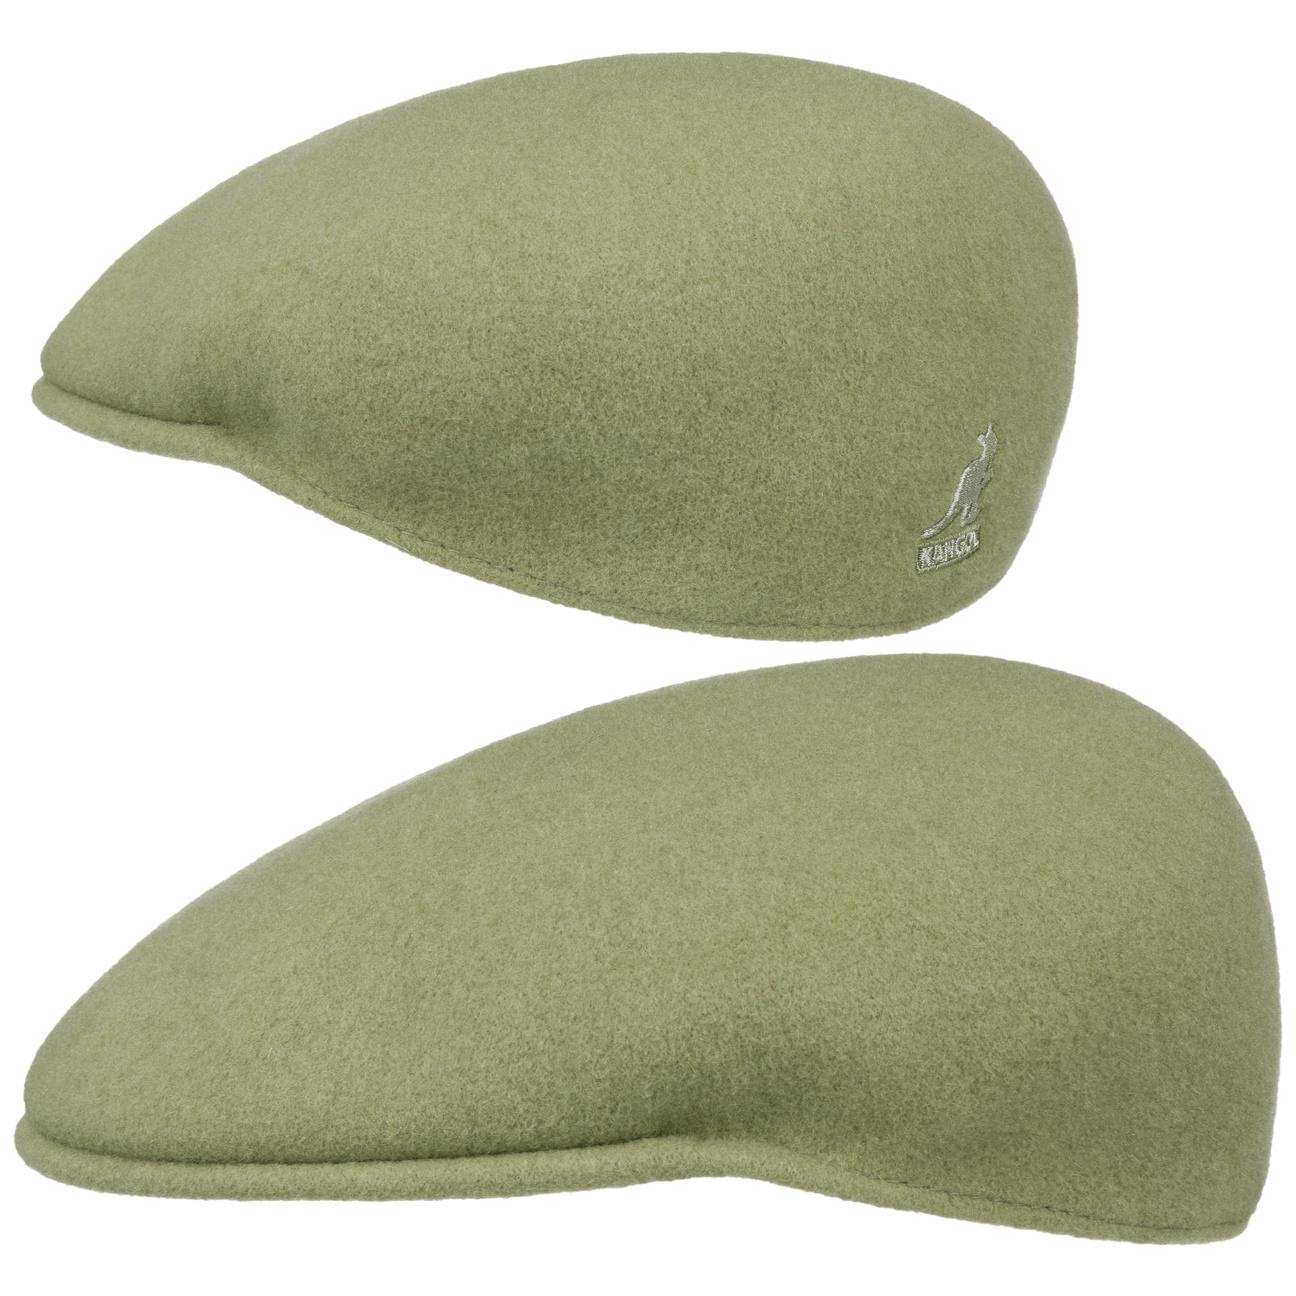 Gorra 504 by Kangol - Gorras - sombreroshop.es 8e7db379e43